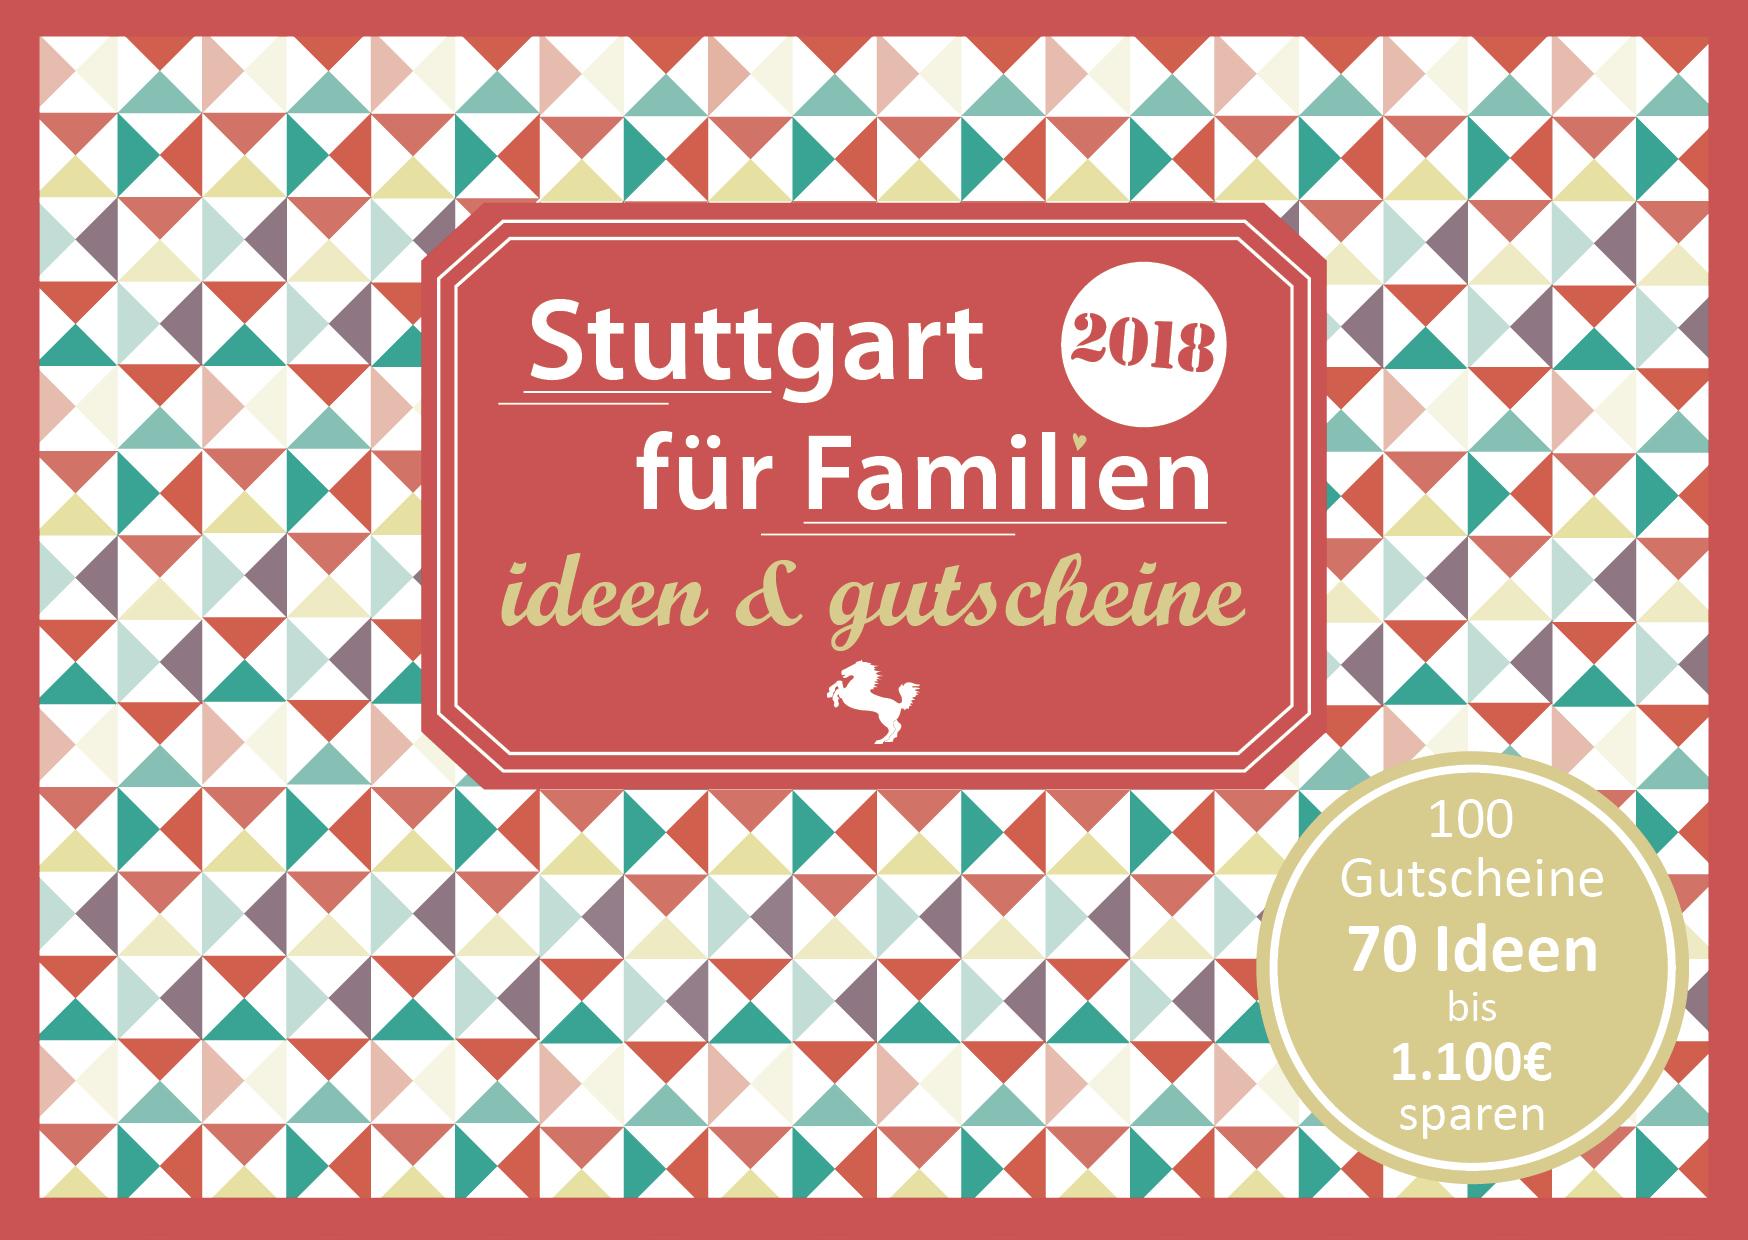 Familien Gutscheinbuch Stuttgart Cover 2018 final - Gutscheinbuch Stuttgart für Familien